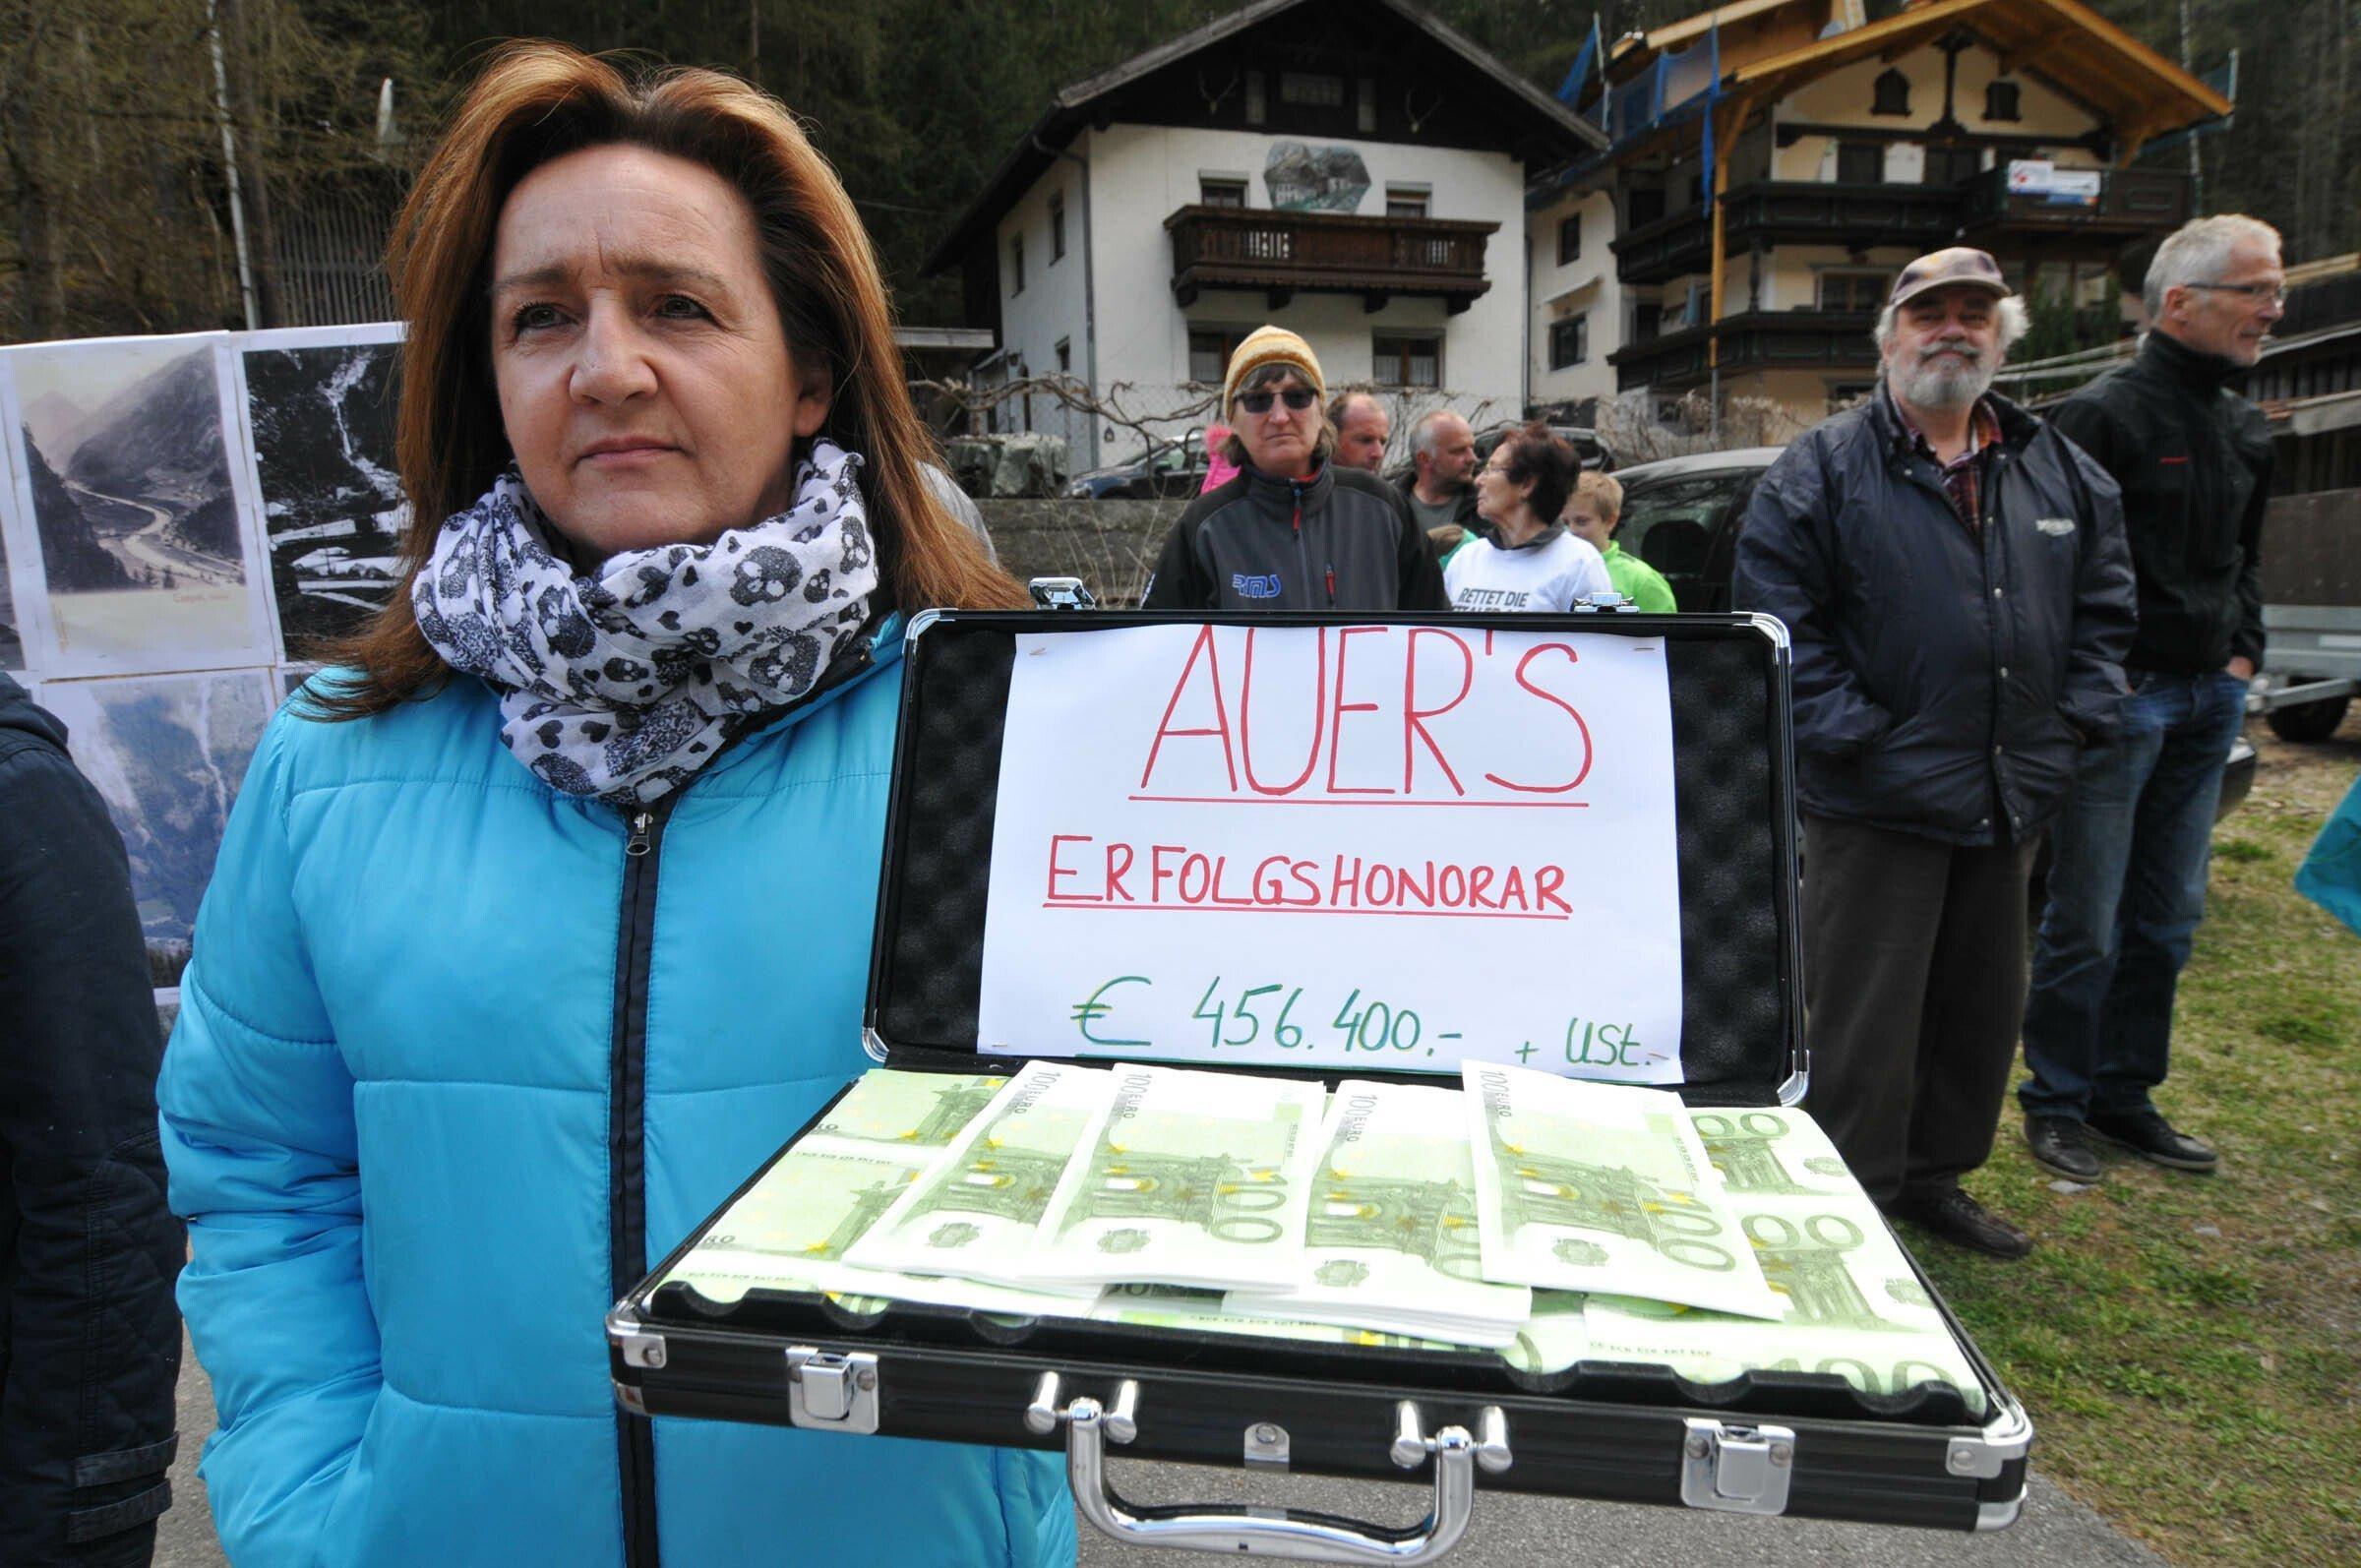 Frau mit Aktenkoffer mit Papiergel. Auf einem Zettel steht: Auers Erfolgshonorar € 456.400 + USt.